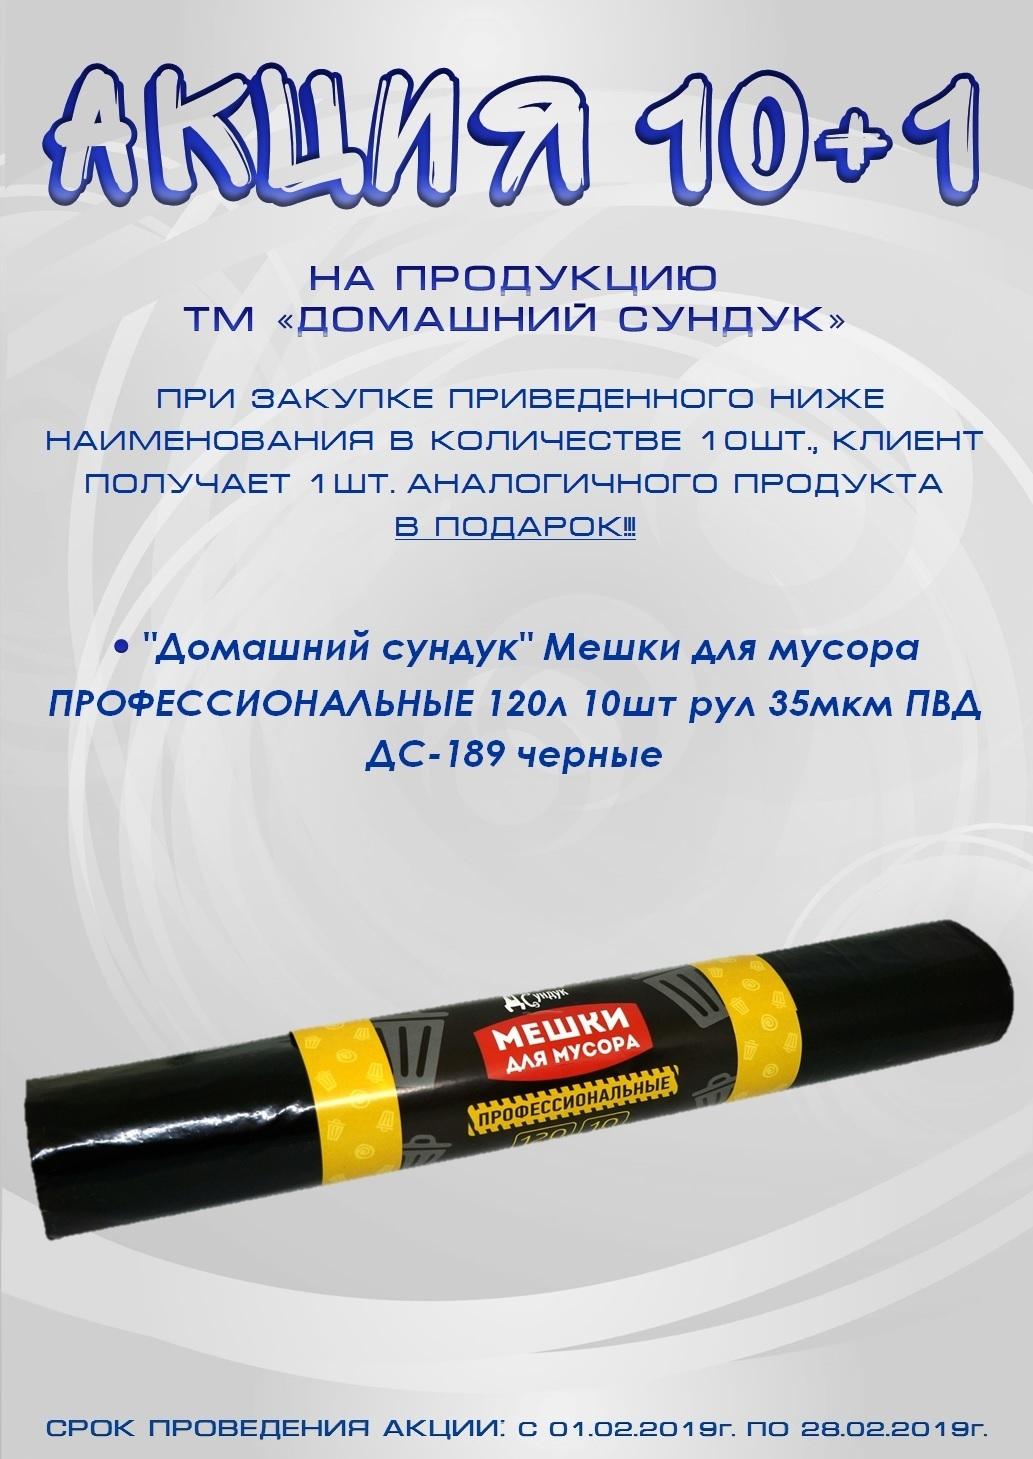 Мешки для мусора профессиональные 120л ТМ Домашний Сундук